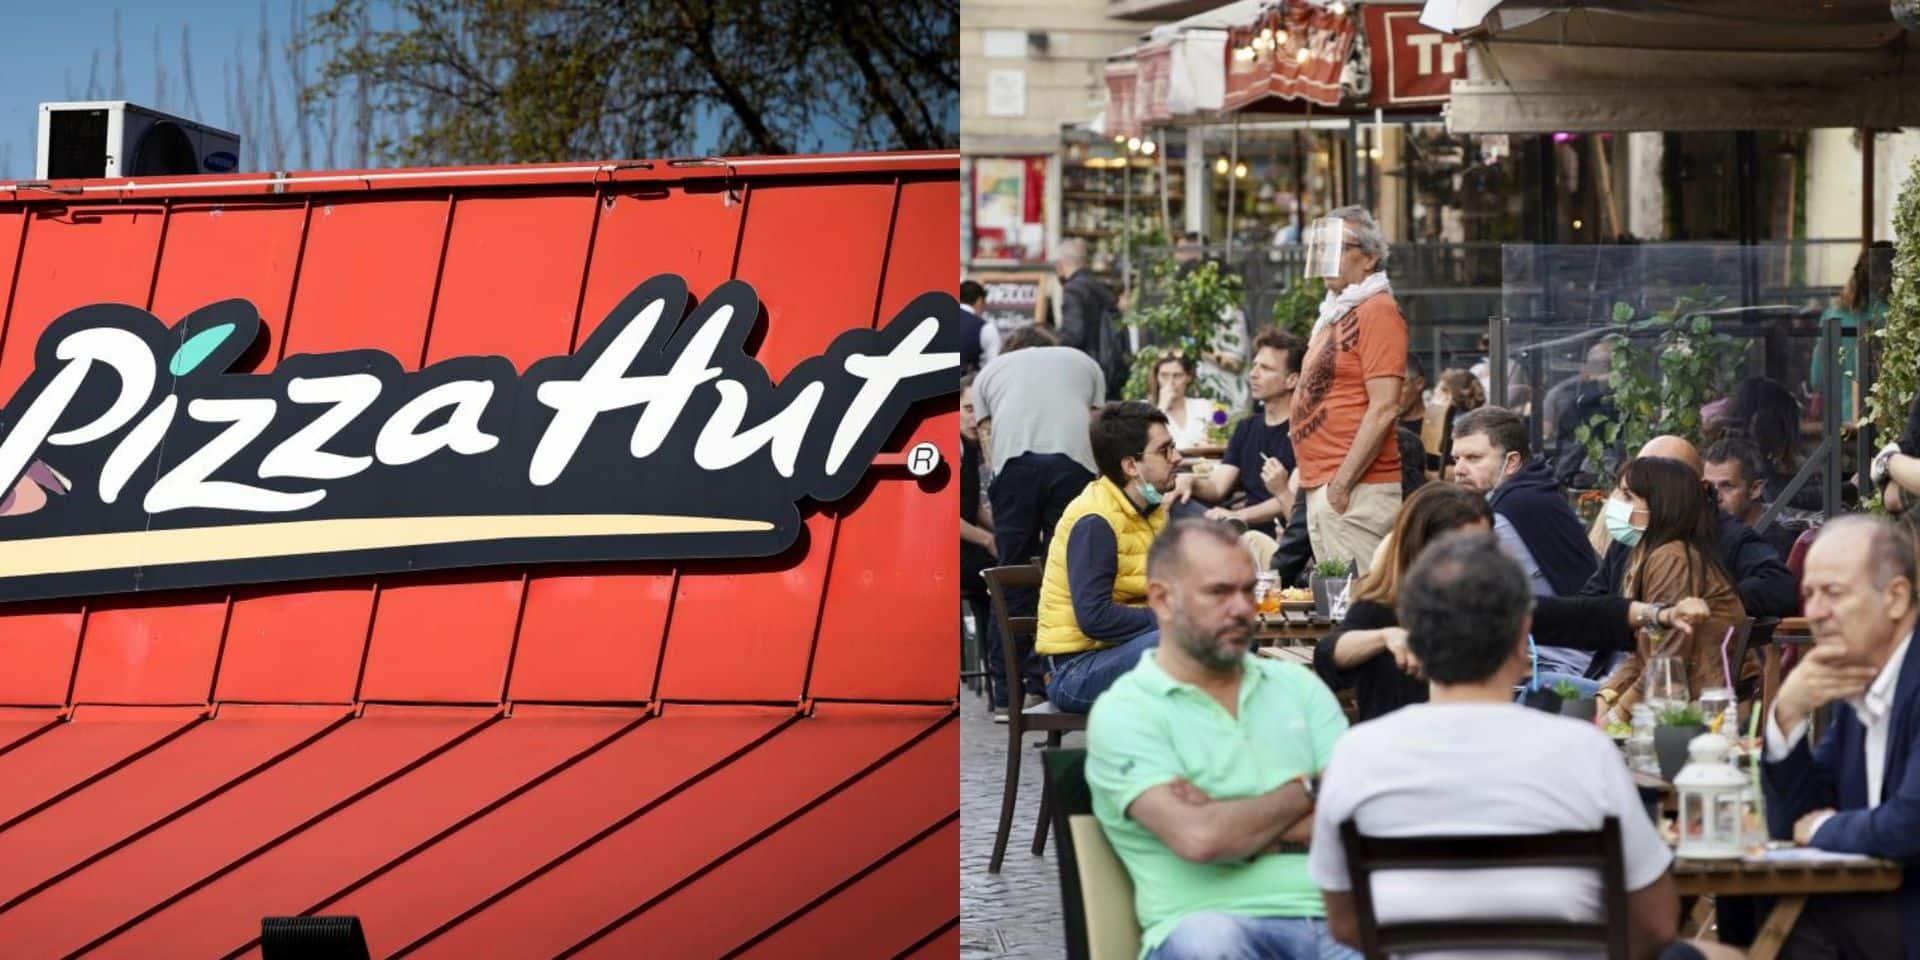 20 tables profitent que l'alarme incendie retentisse au Pizza Hut pour partir sans payer